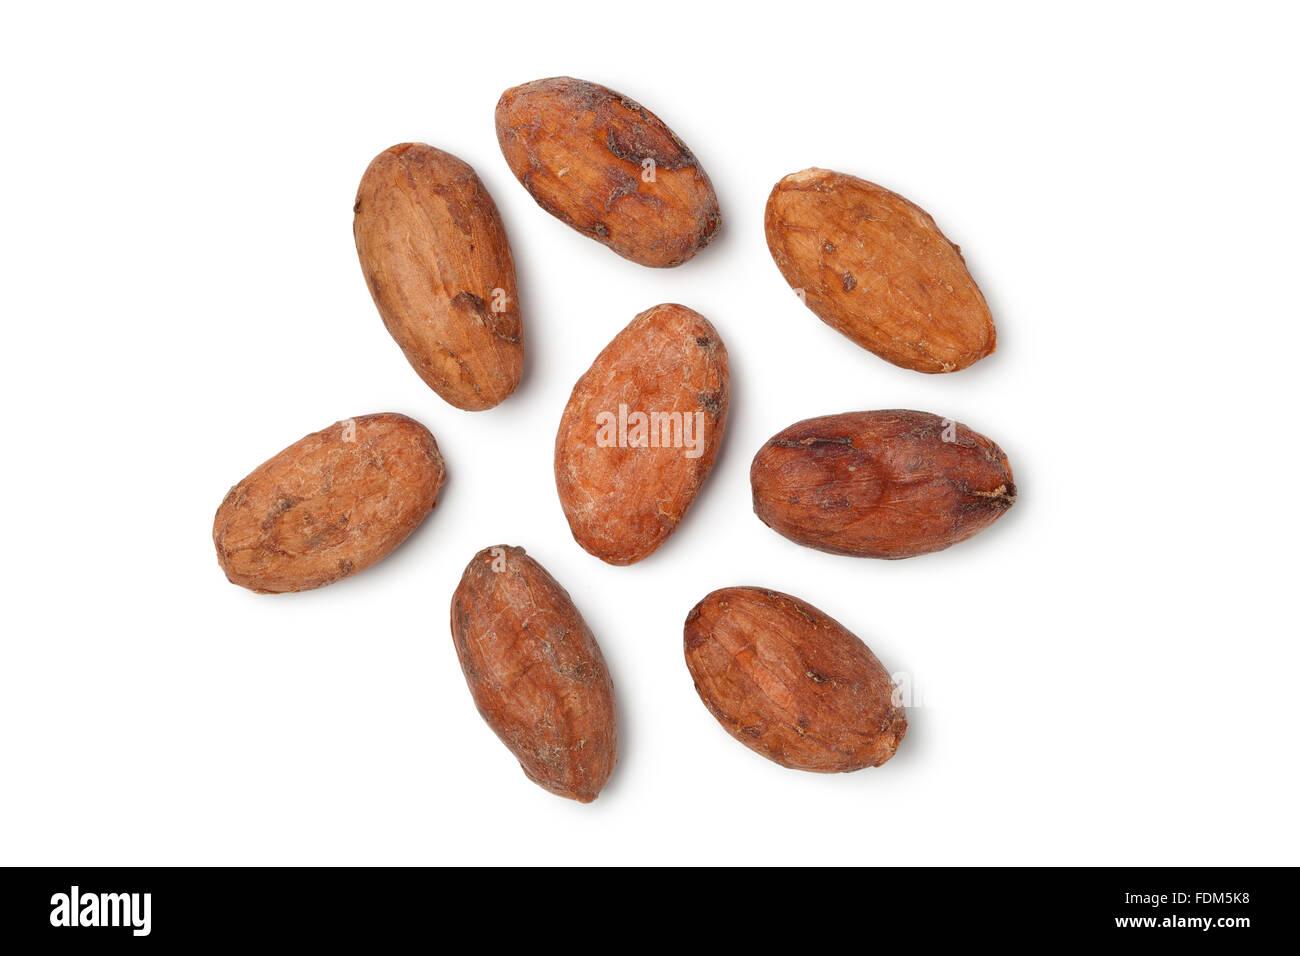 Il commercio equo e solidale cocao fagioli su sfondo bianco Immagini Stock